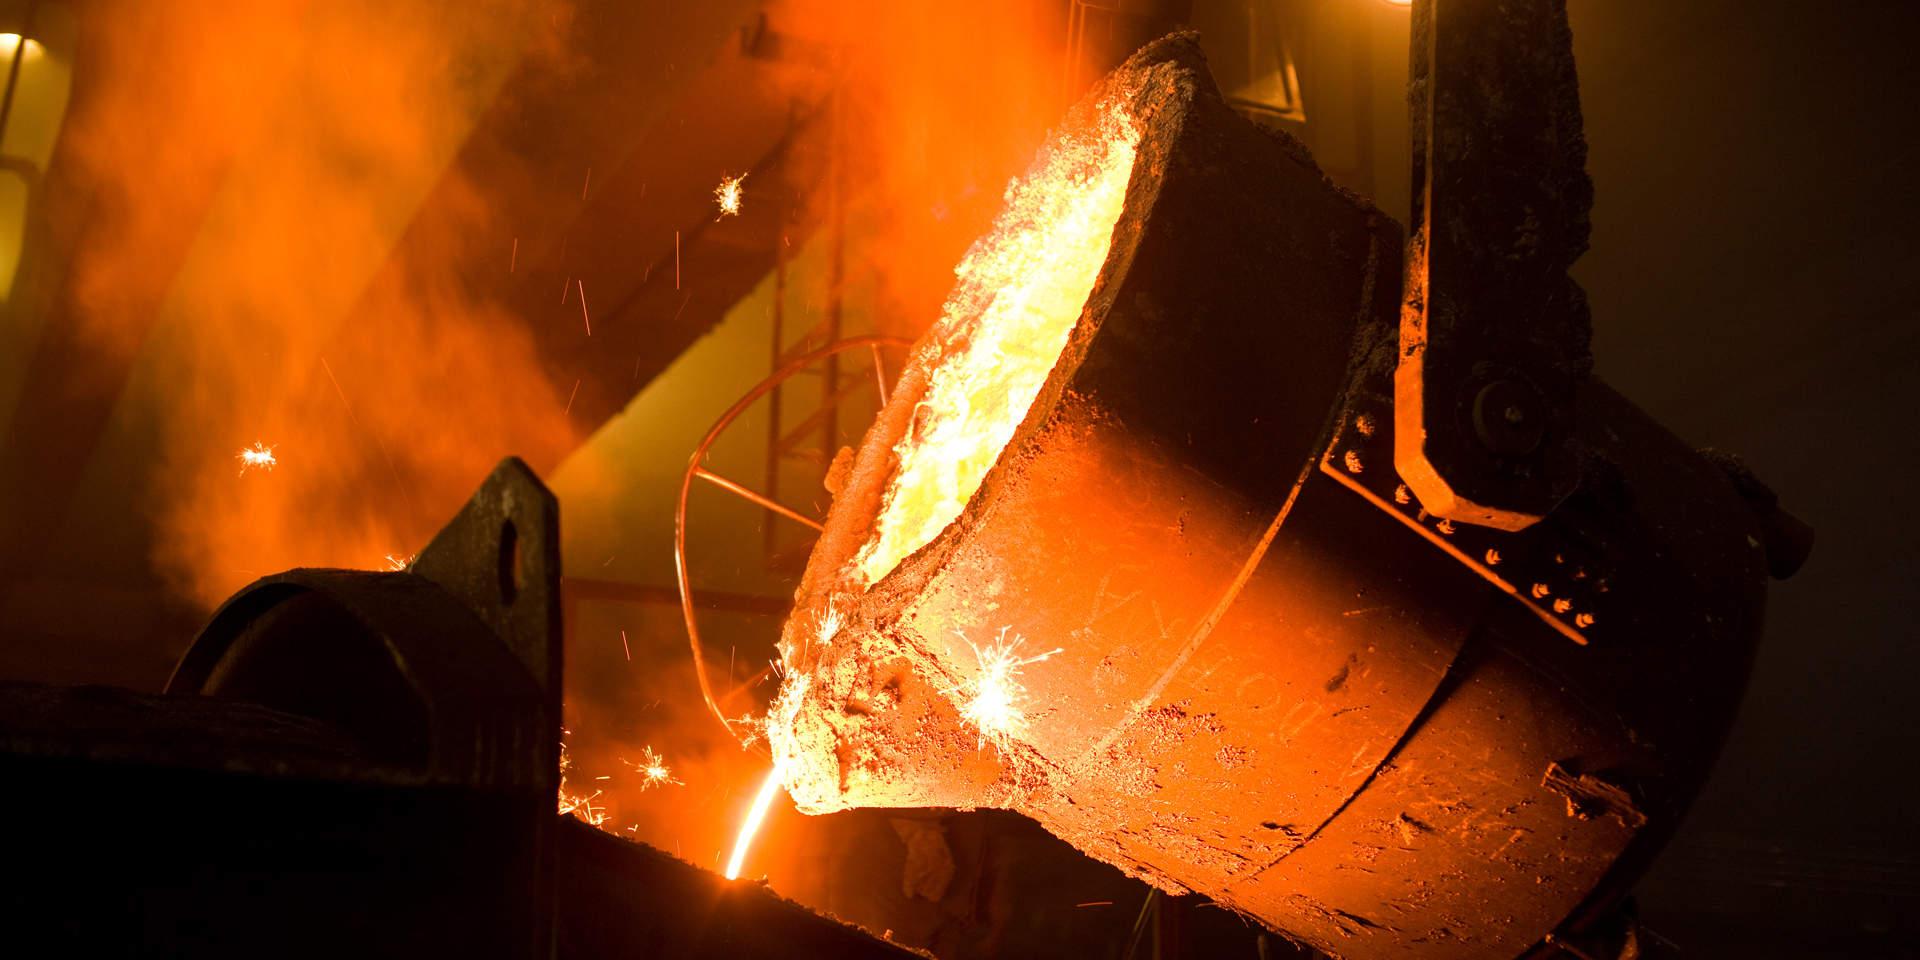 Китайские сталелитейные компании Baowu и Magang объявили о масштабном слиянии